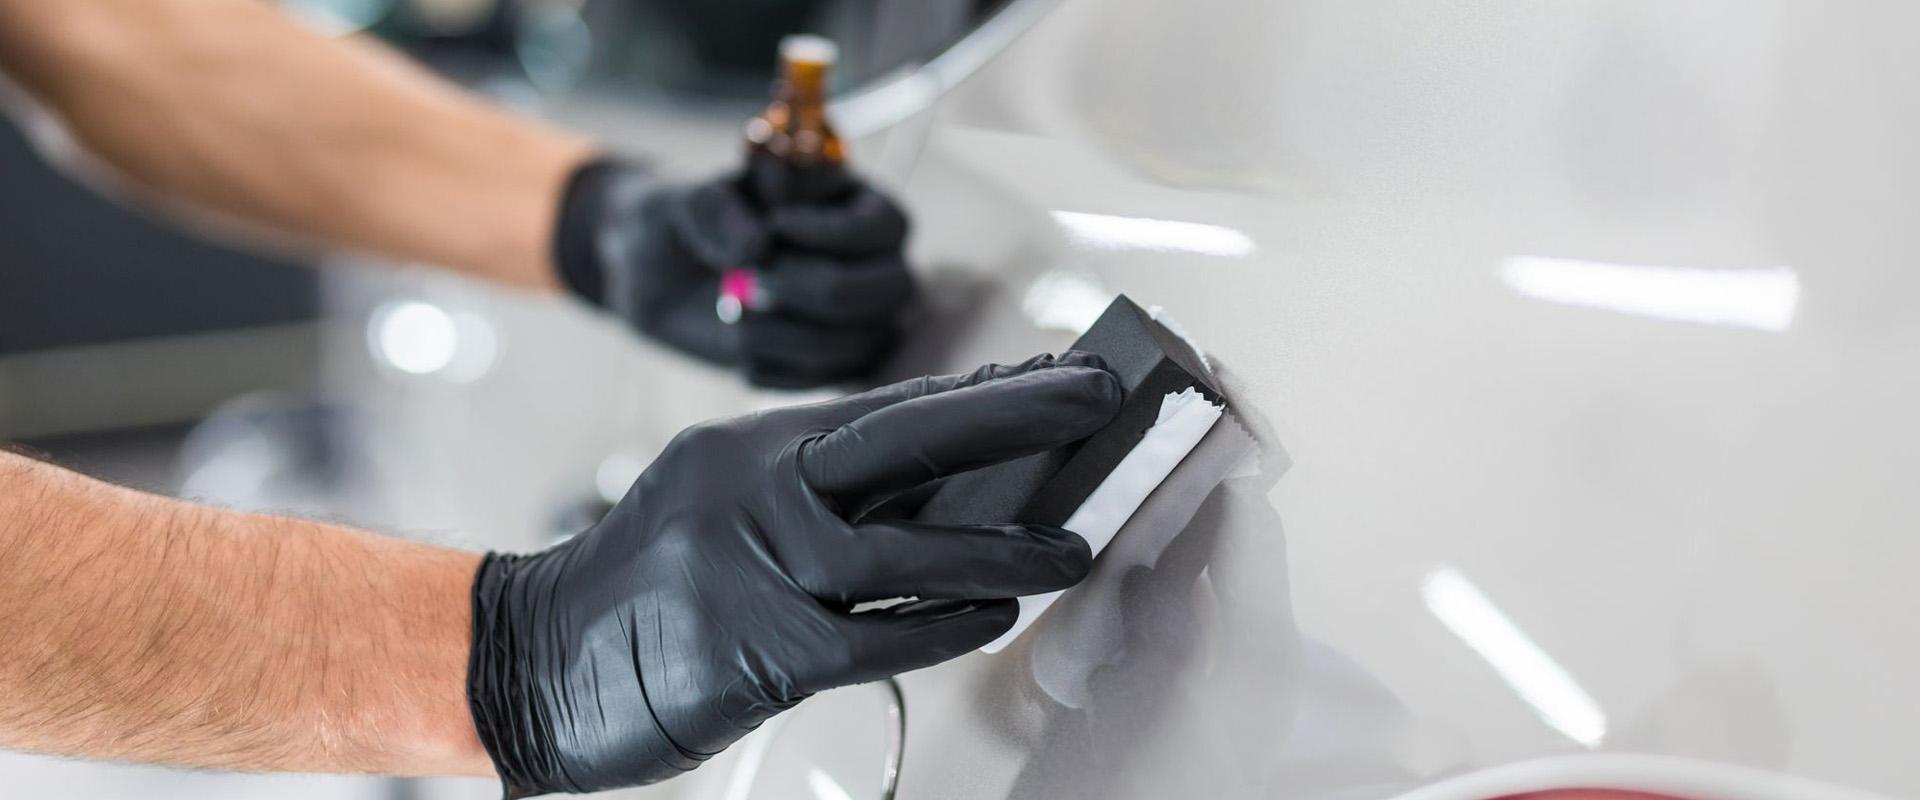 Keramik Lackbeschichtung für Ihr Fahrzeug in München